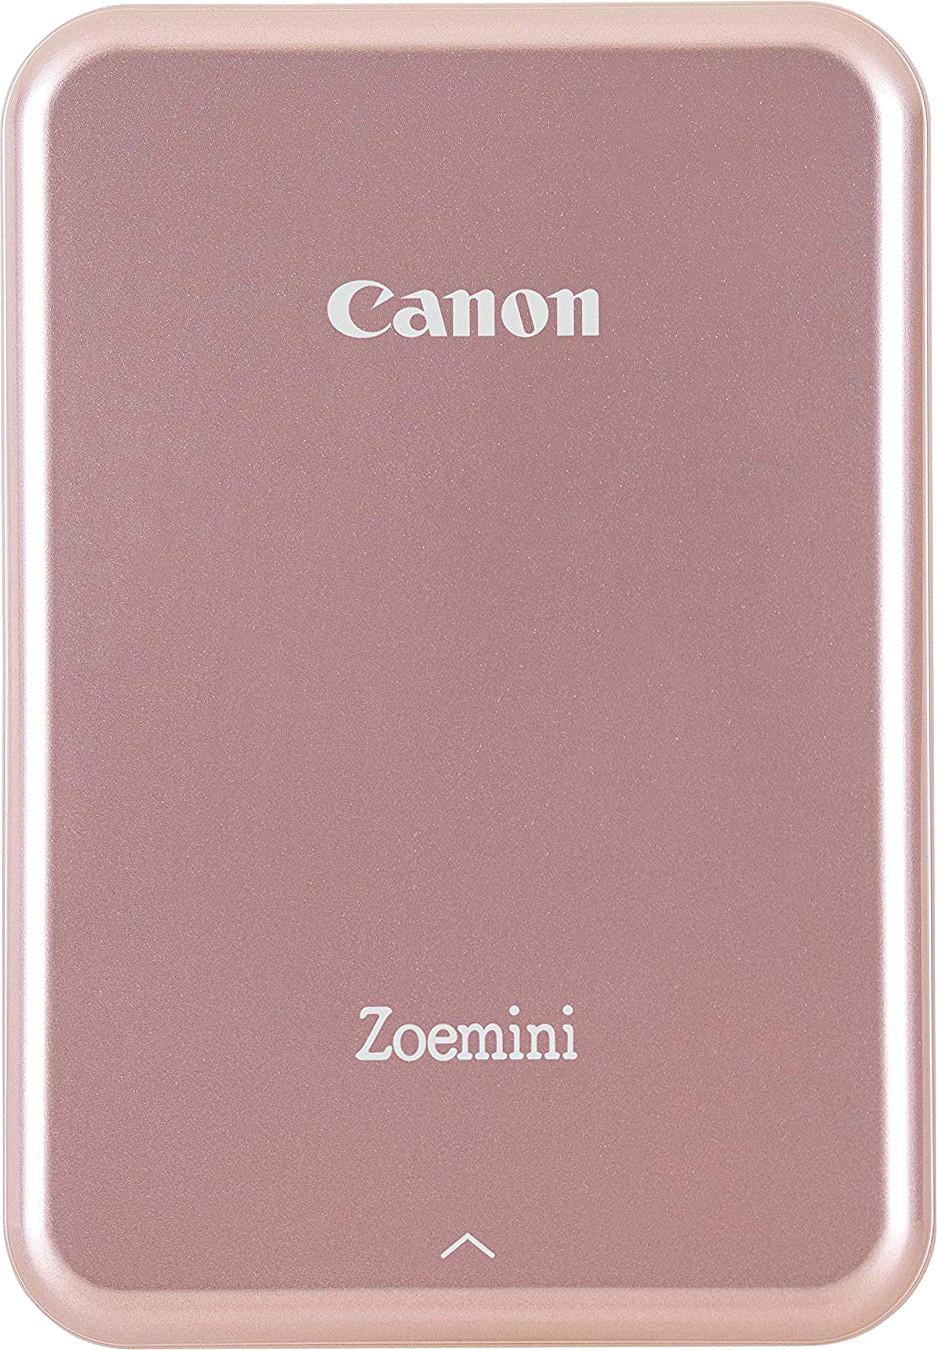 Canon fotoprinter Zoemini PV-123, roosa